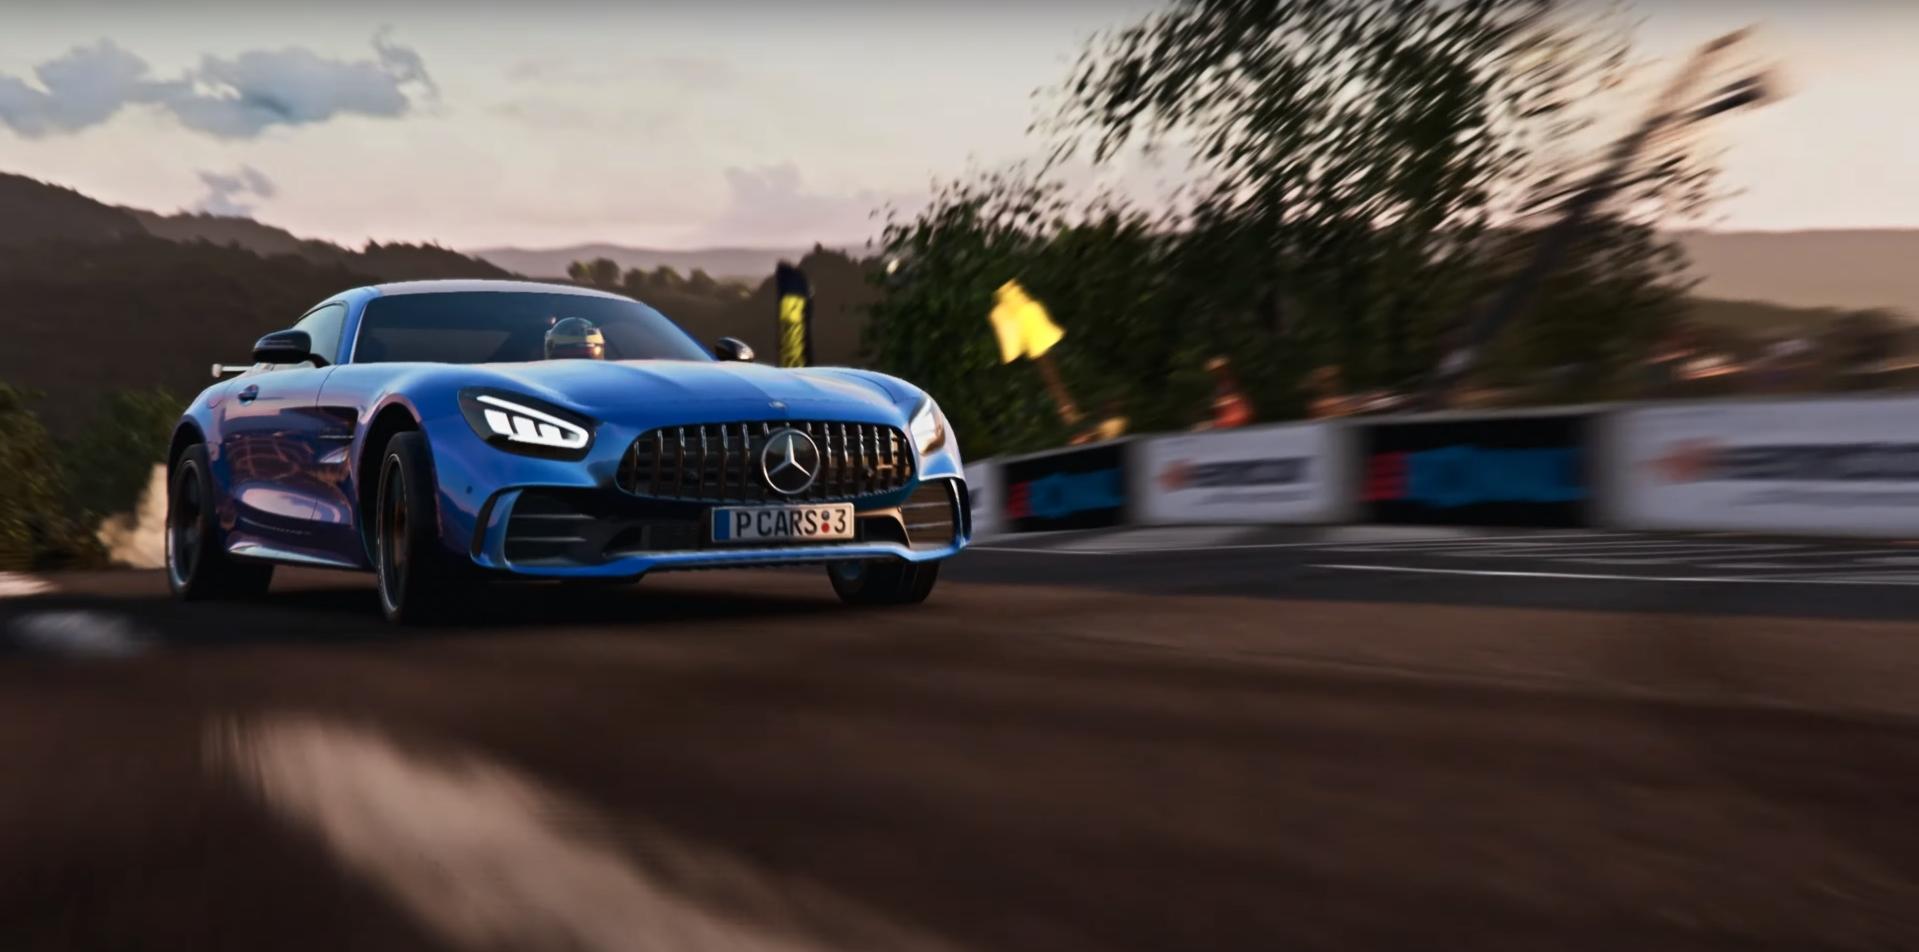 Oznámena závodní hra Project CARS 3, vyjde už v létě